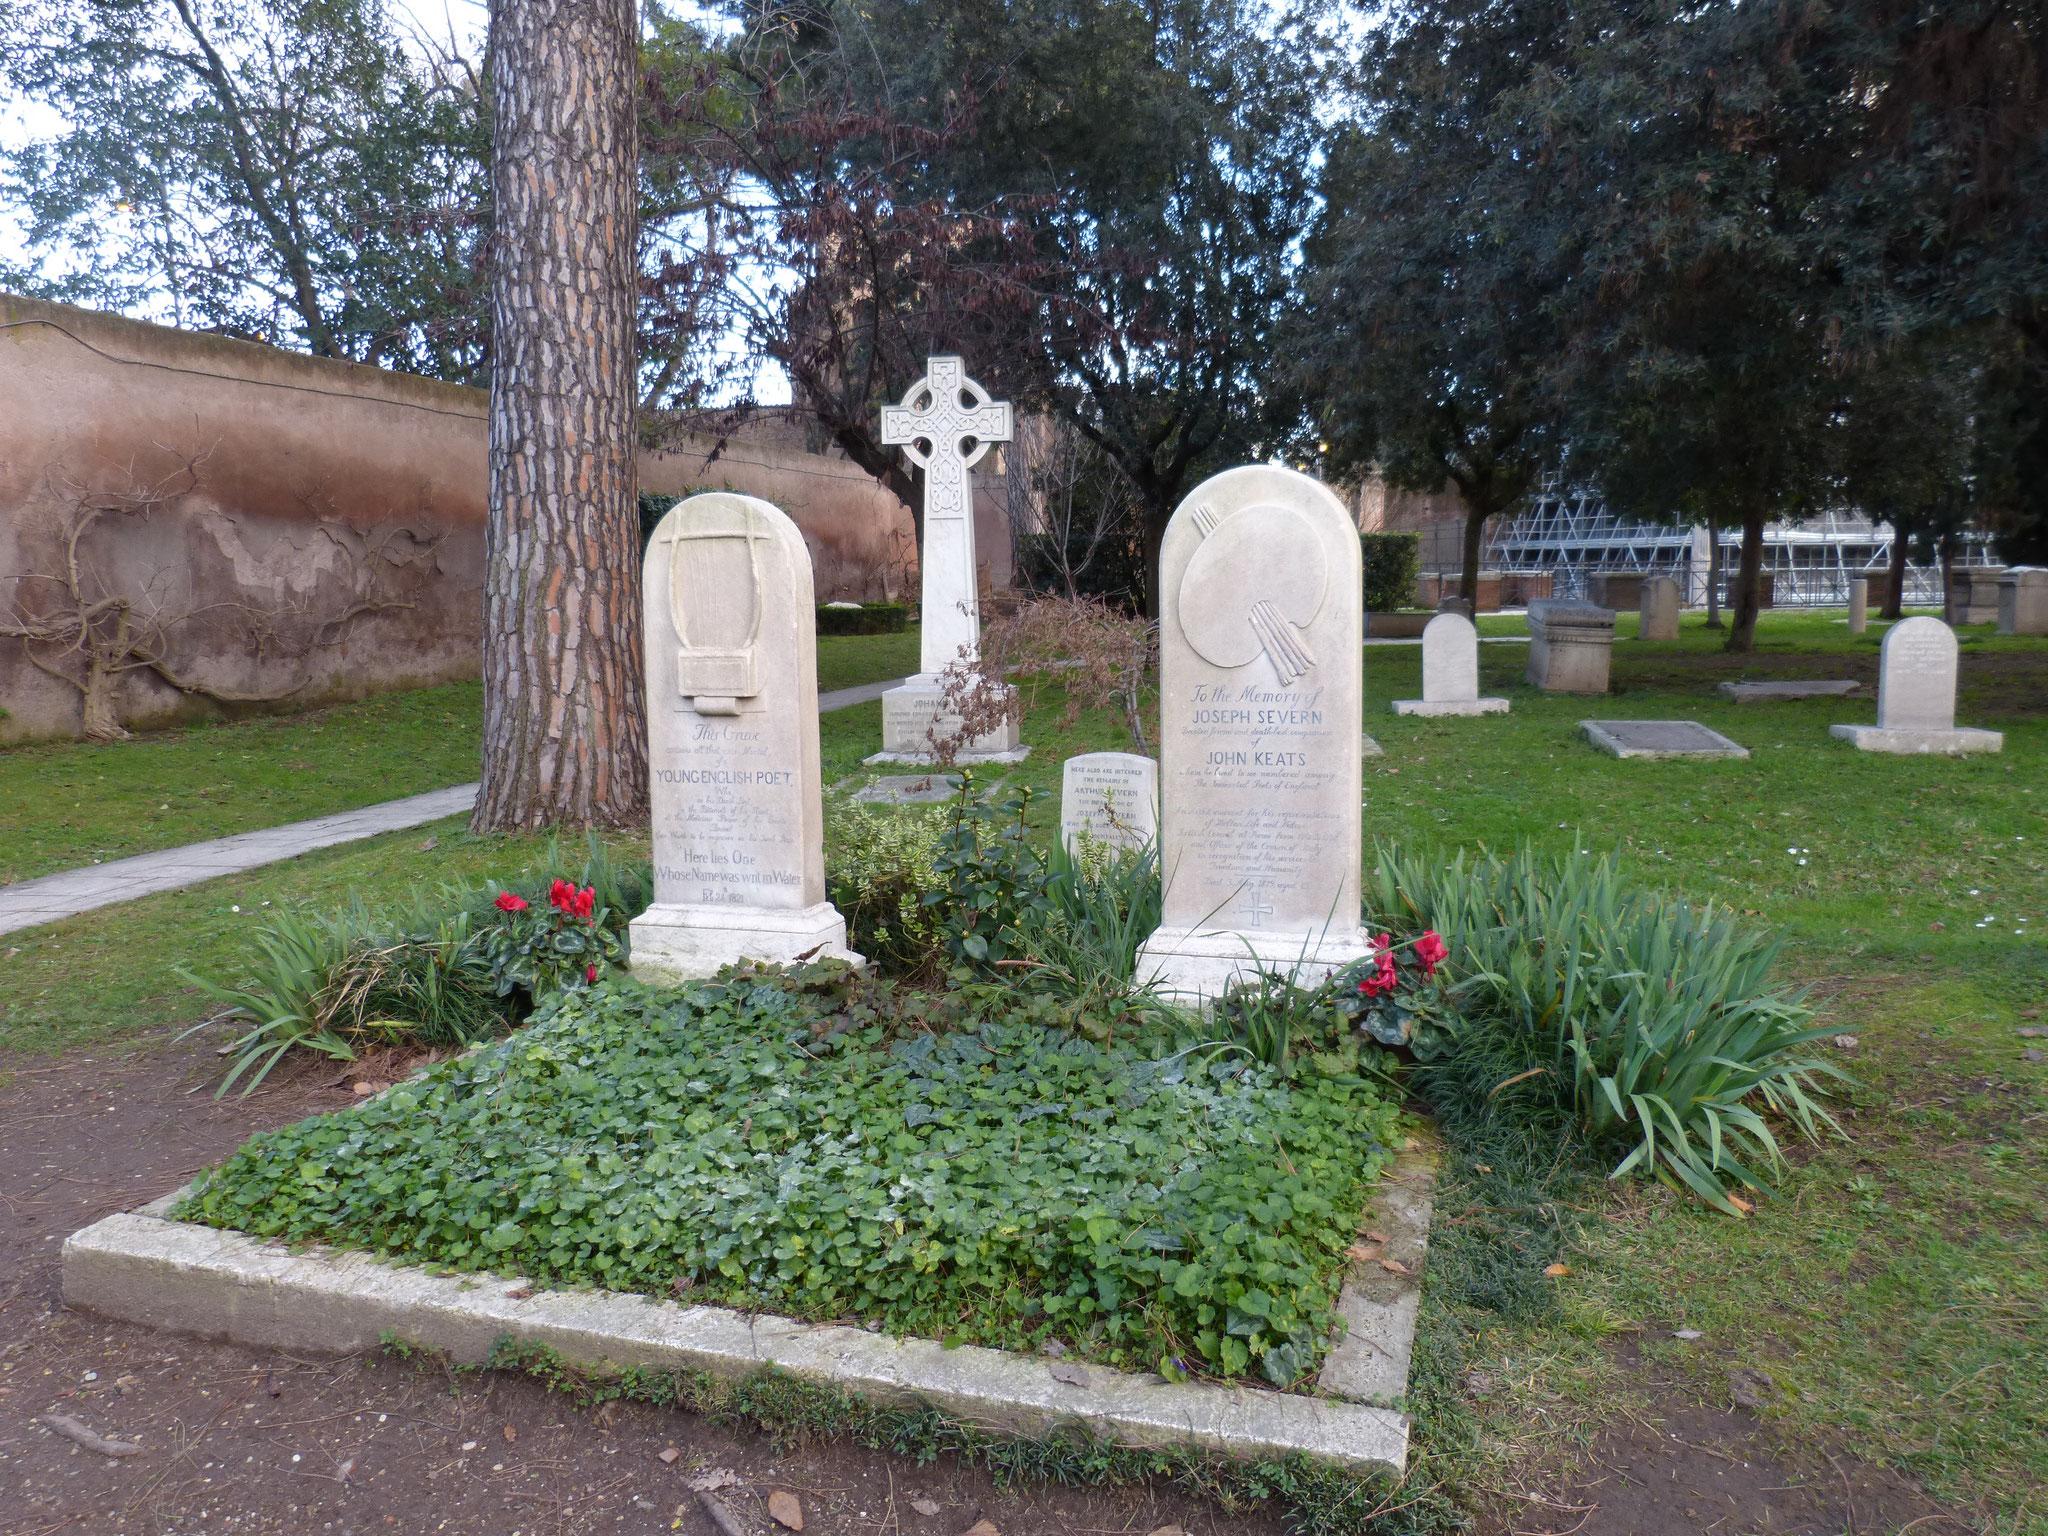 Die Gräber von den englischen Dichtern Keats und Shelley.